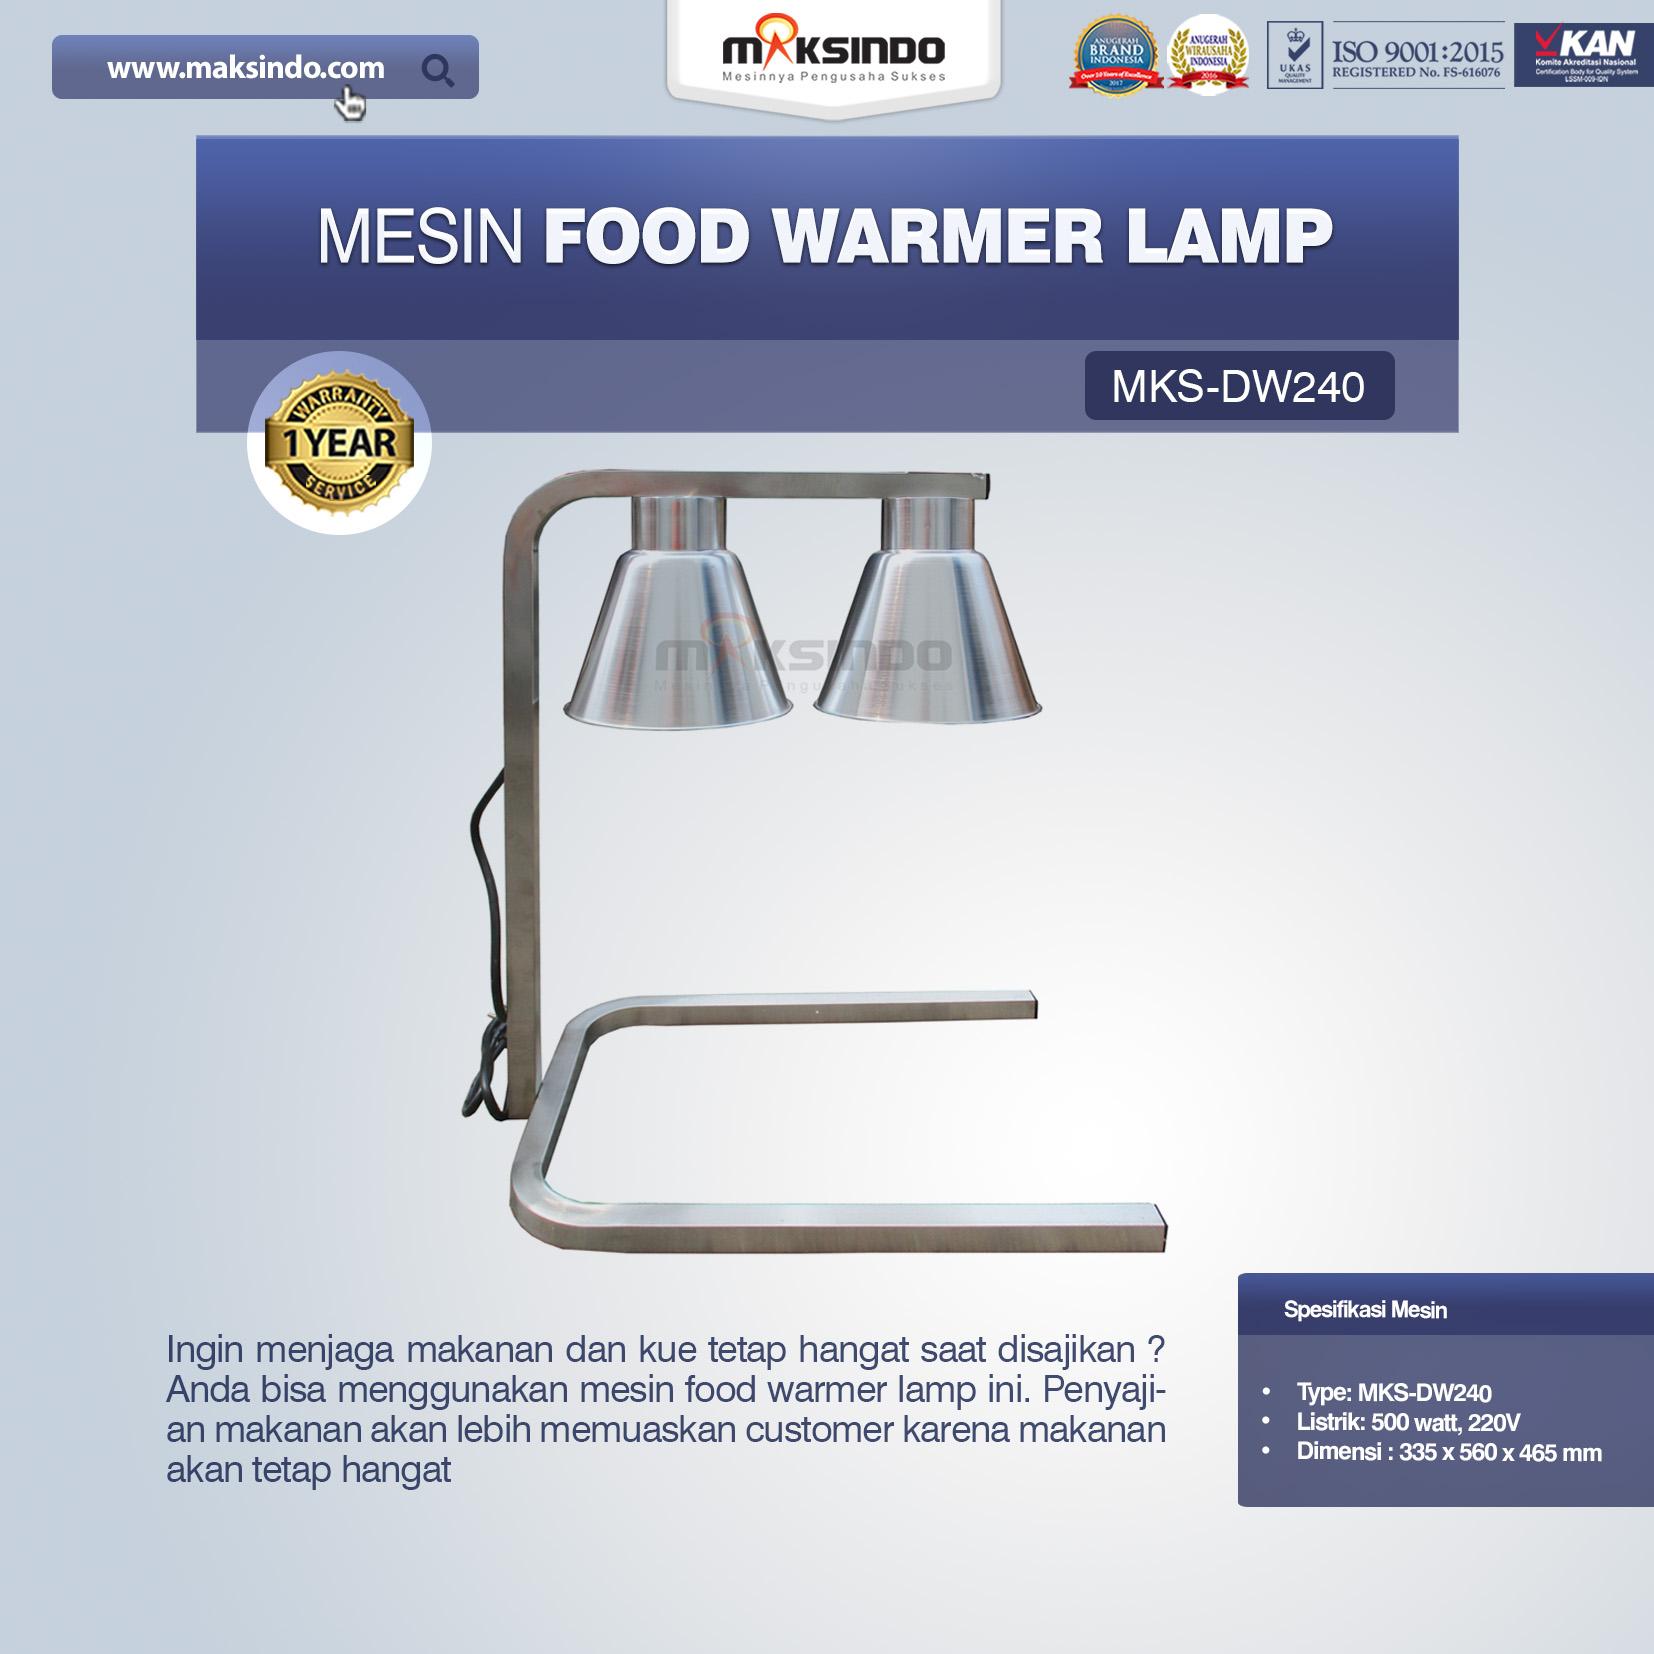 Jual Mesin Food Warmer Lamp MKS-DW240 di Bekasi